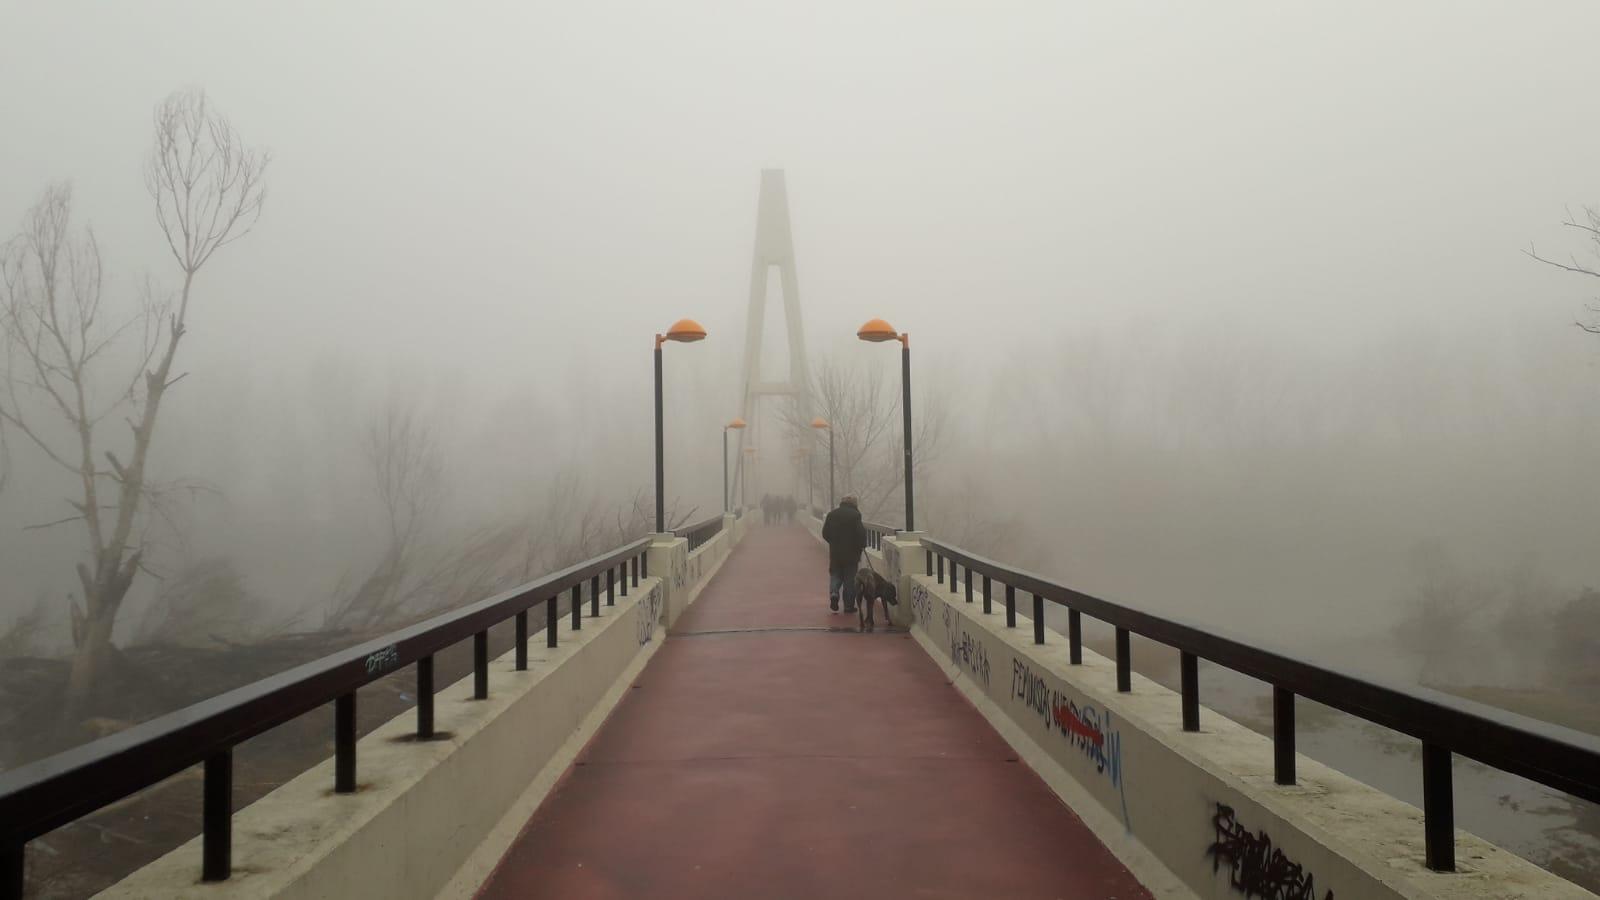 La niebla causa problemas en algunas carreteras riojanas